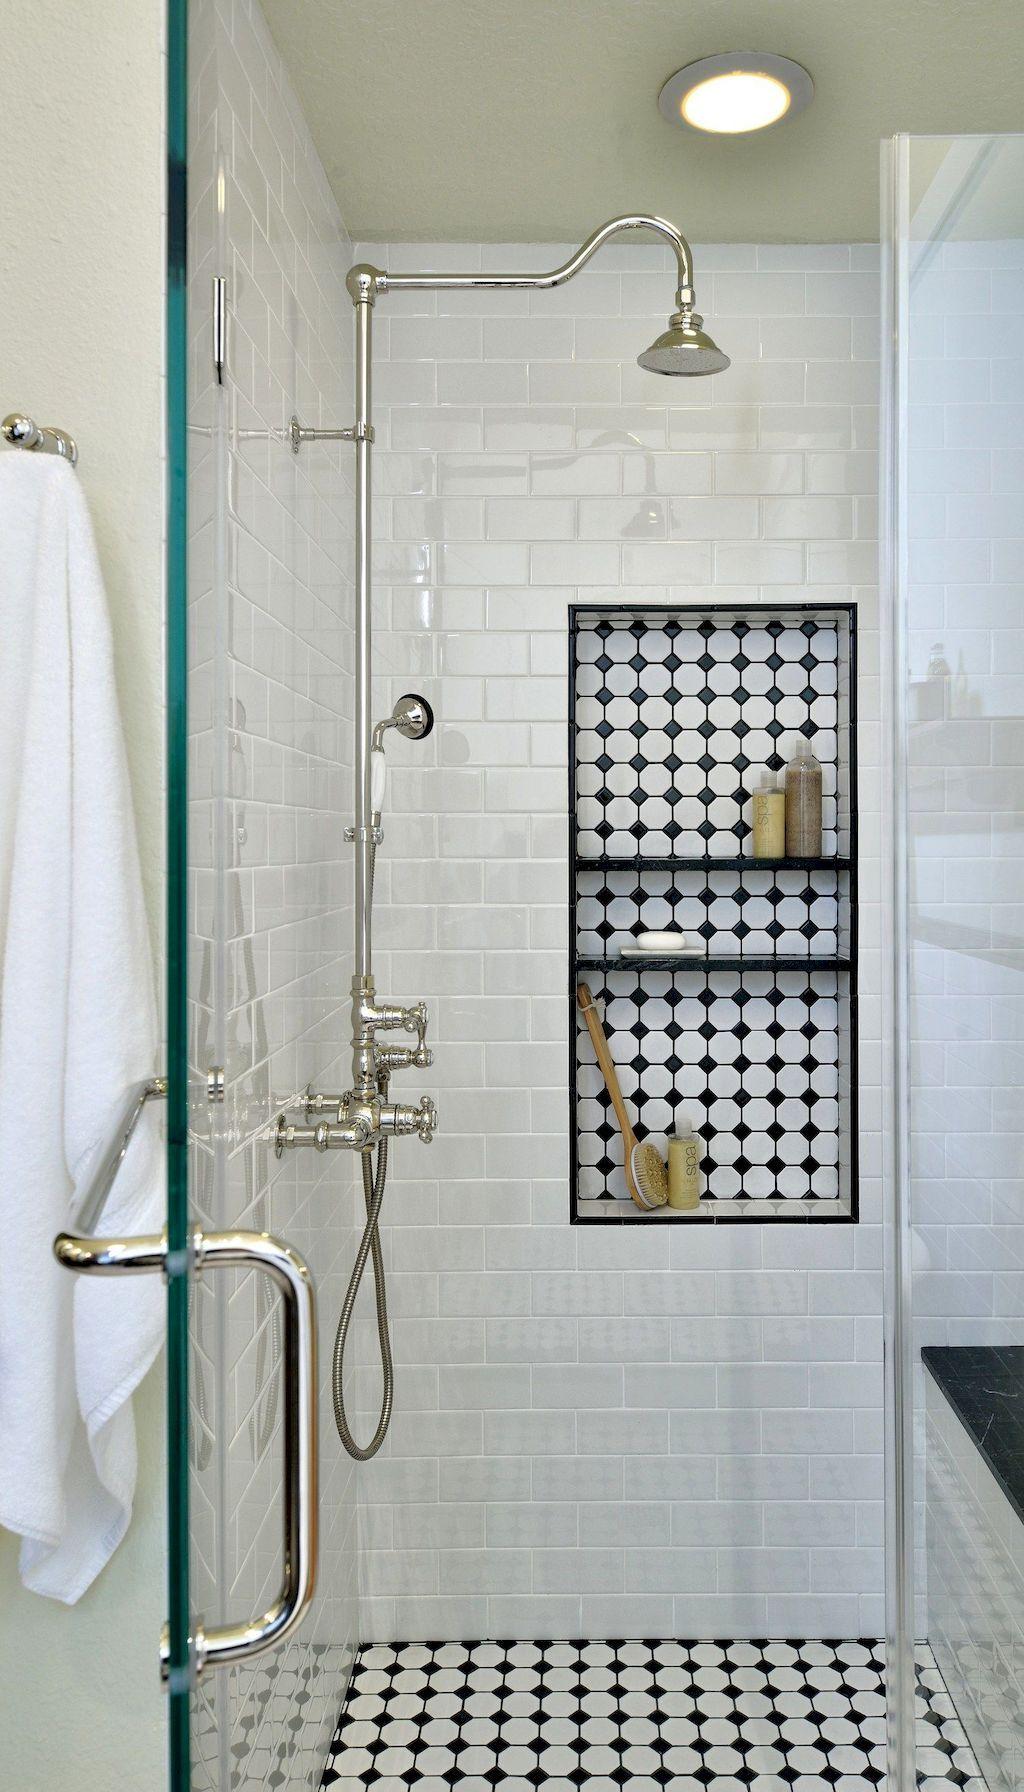 Badezimmerfliesenideen um badewanne  cool black and white bathroom design ideas  bad unten